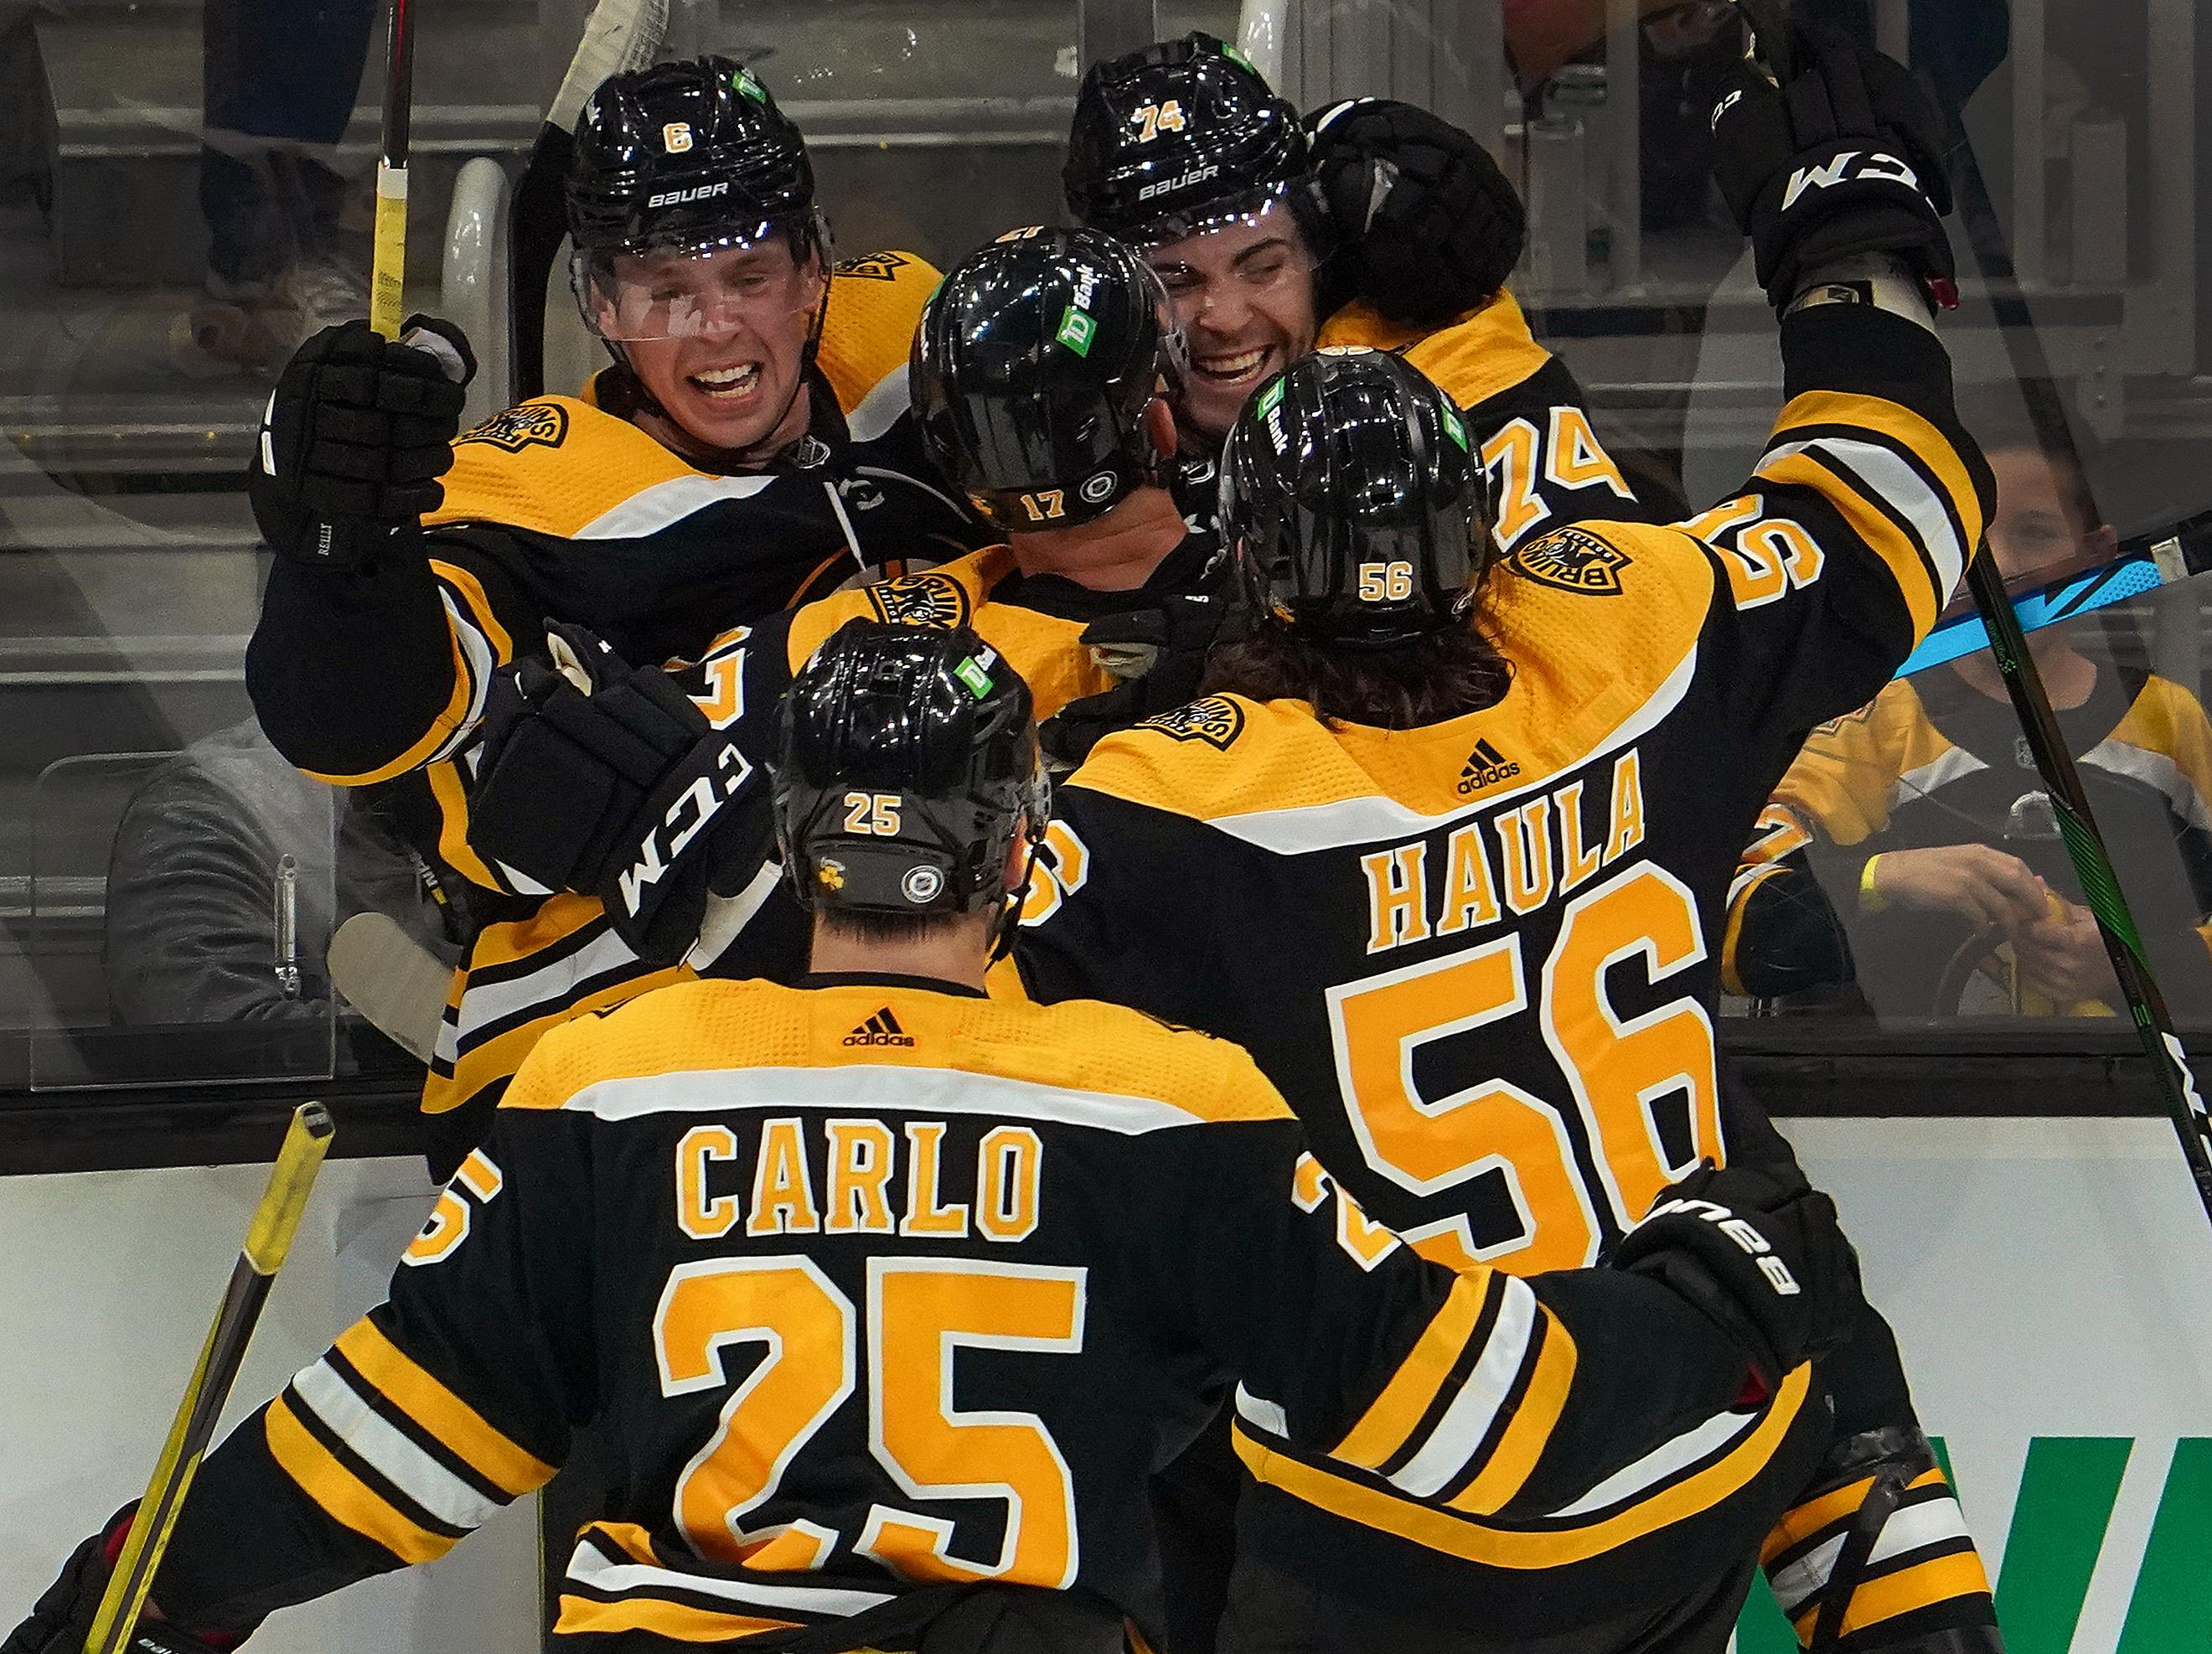 Dallas Stars Vs Boston Bruins At TD Garden